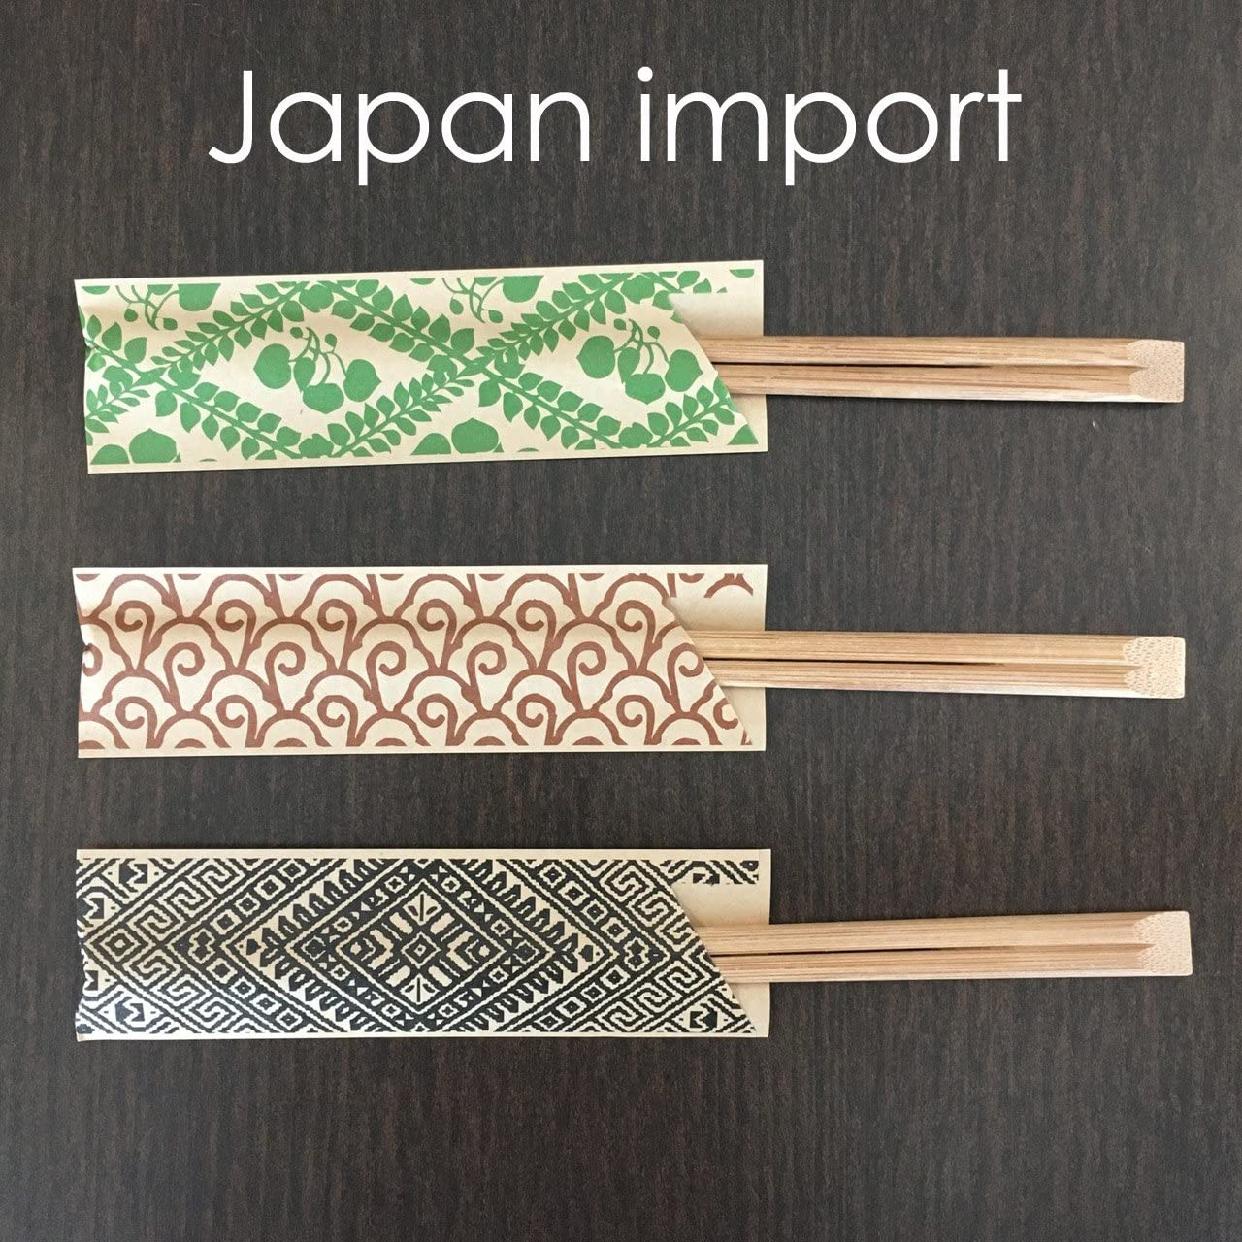 KIRKLAND(カークランド)黒竹箸 21cm 50膳×3パック 536431の商品画像2